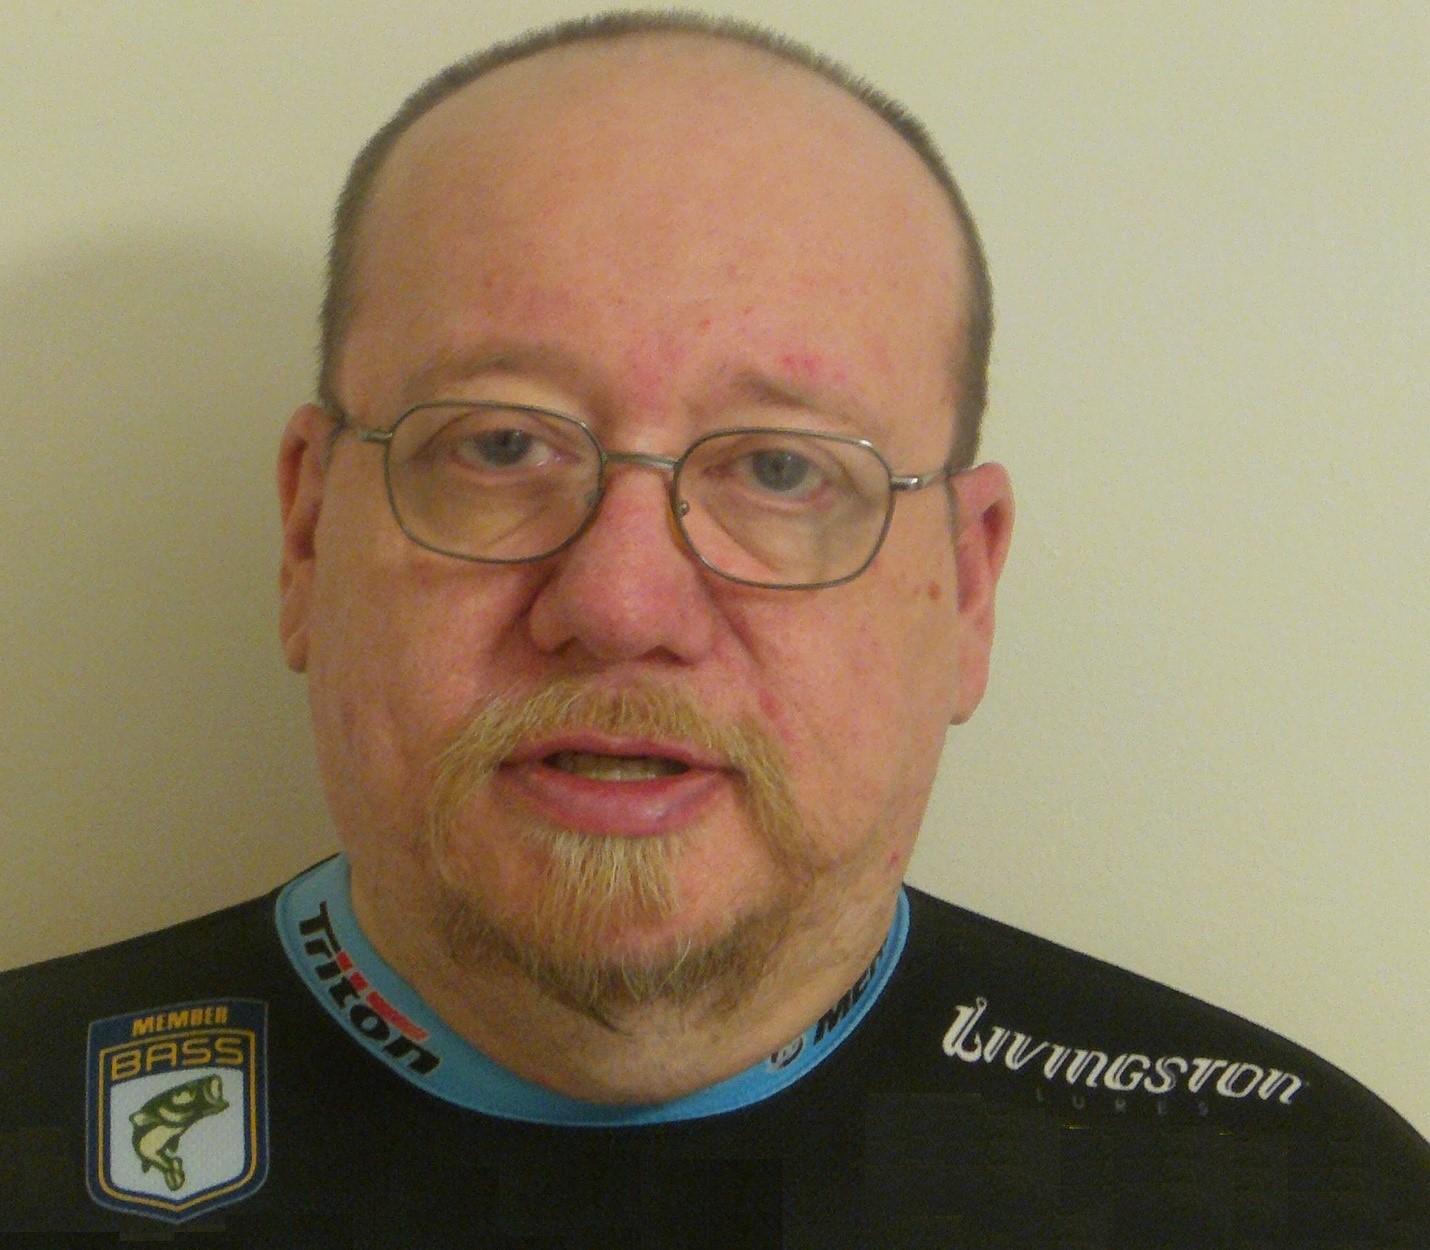 Jim Shunamon